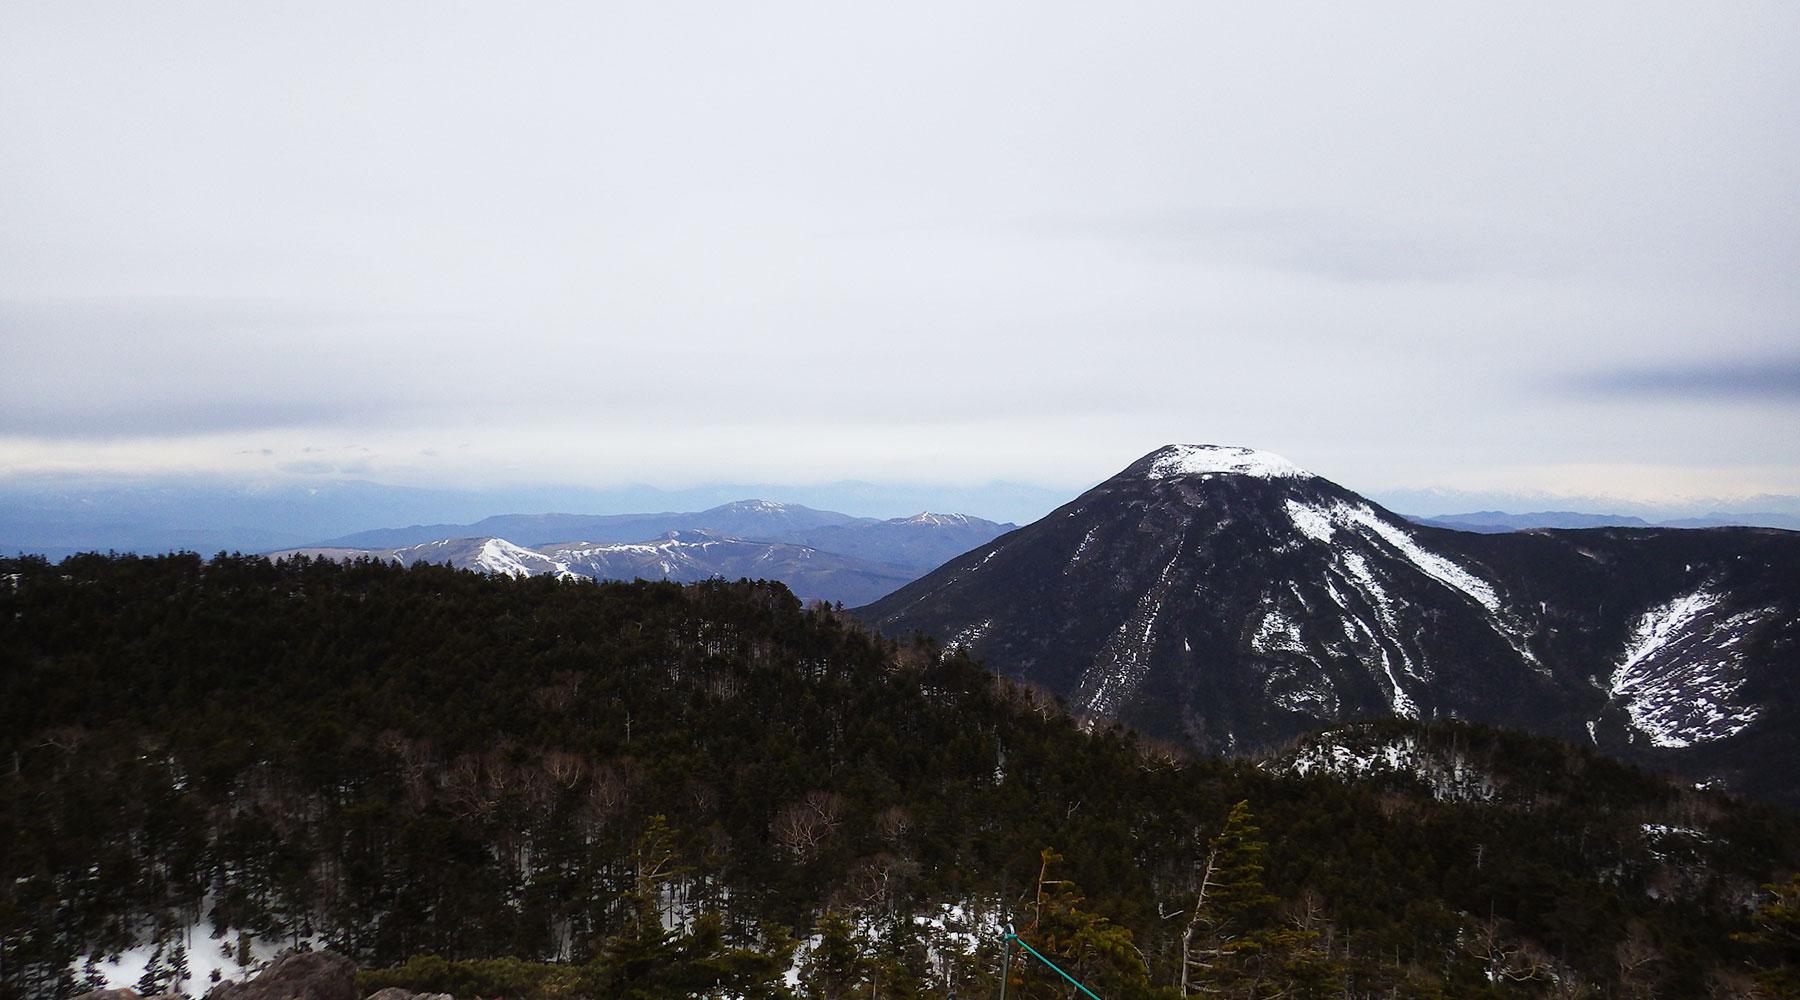 北八ヶ岳・北横岳北峰から見た蓼科山